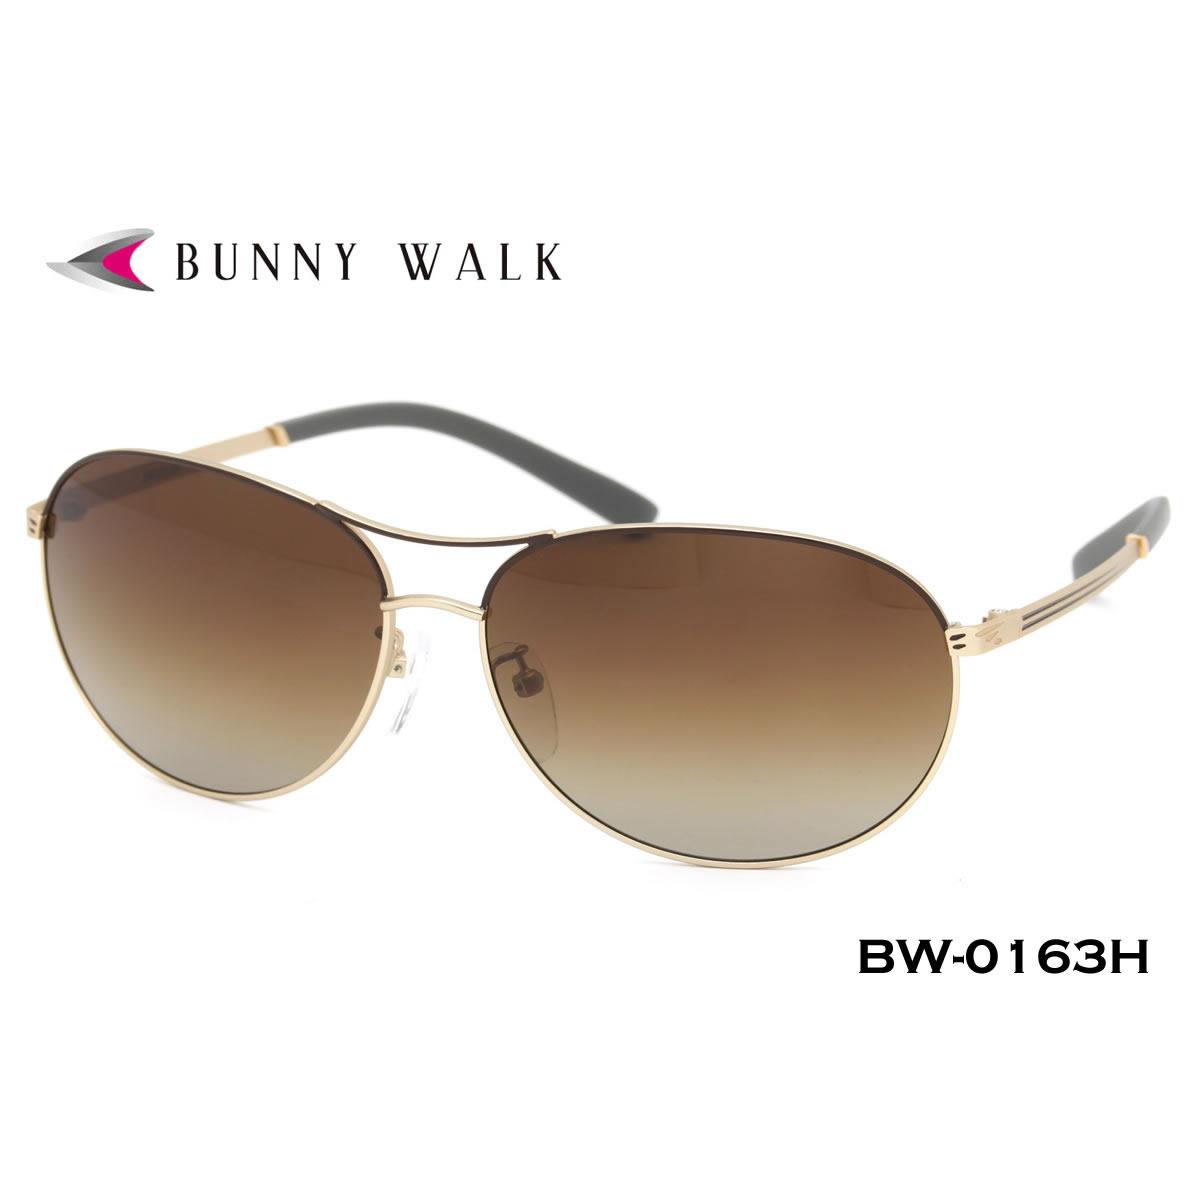 BUNNY WALK バニーウォーク 偏光サングラス BW-0163H 63サイズ 釣りで人気のZEALの姉妹ブランド「バニーウォーク」 アウトドア 登山 キャンプ レディース メンズ